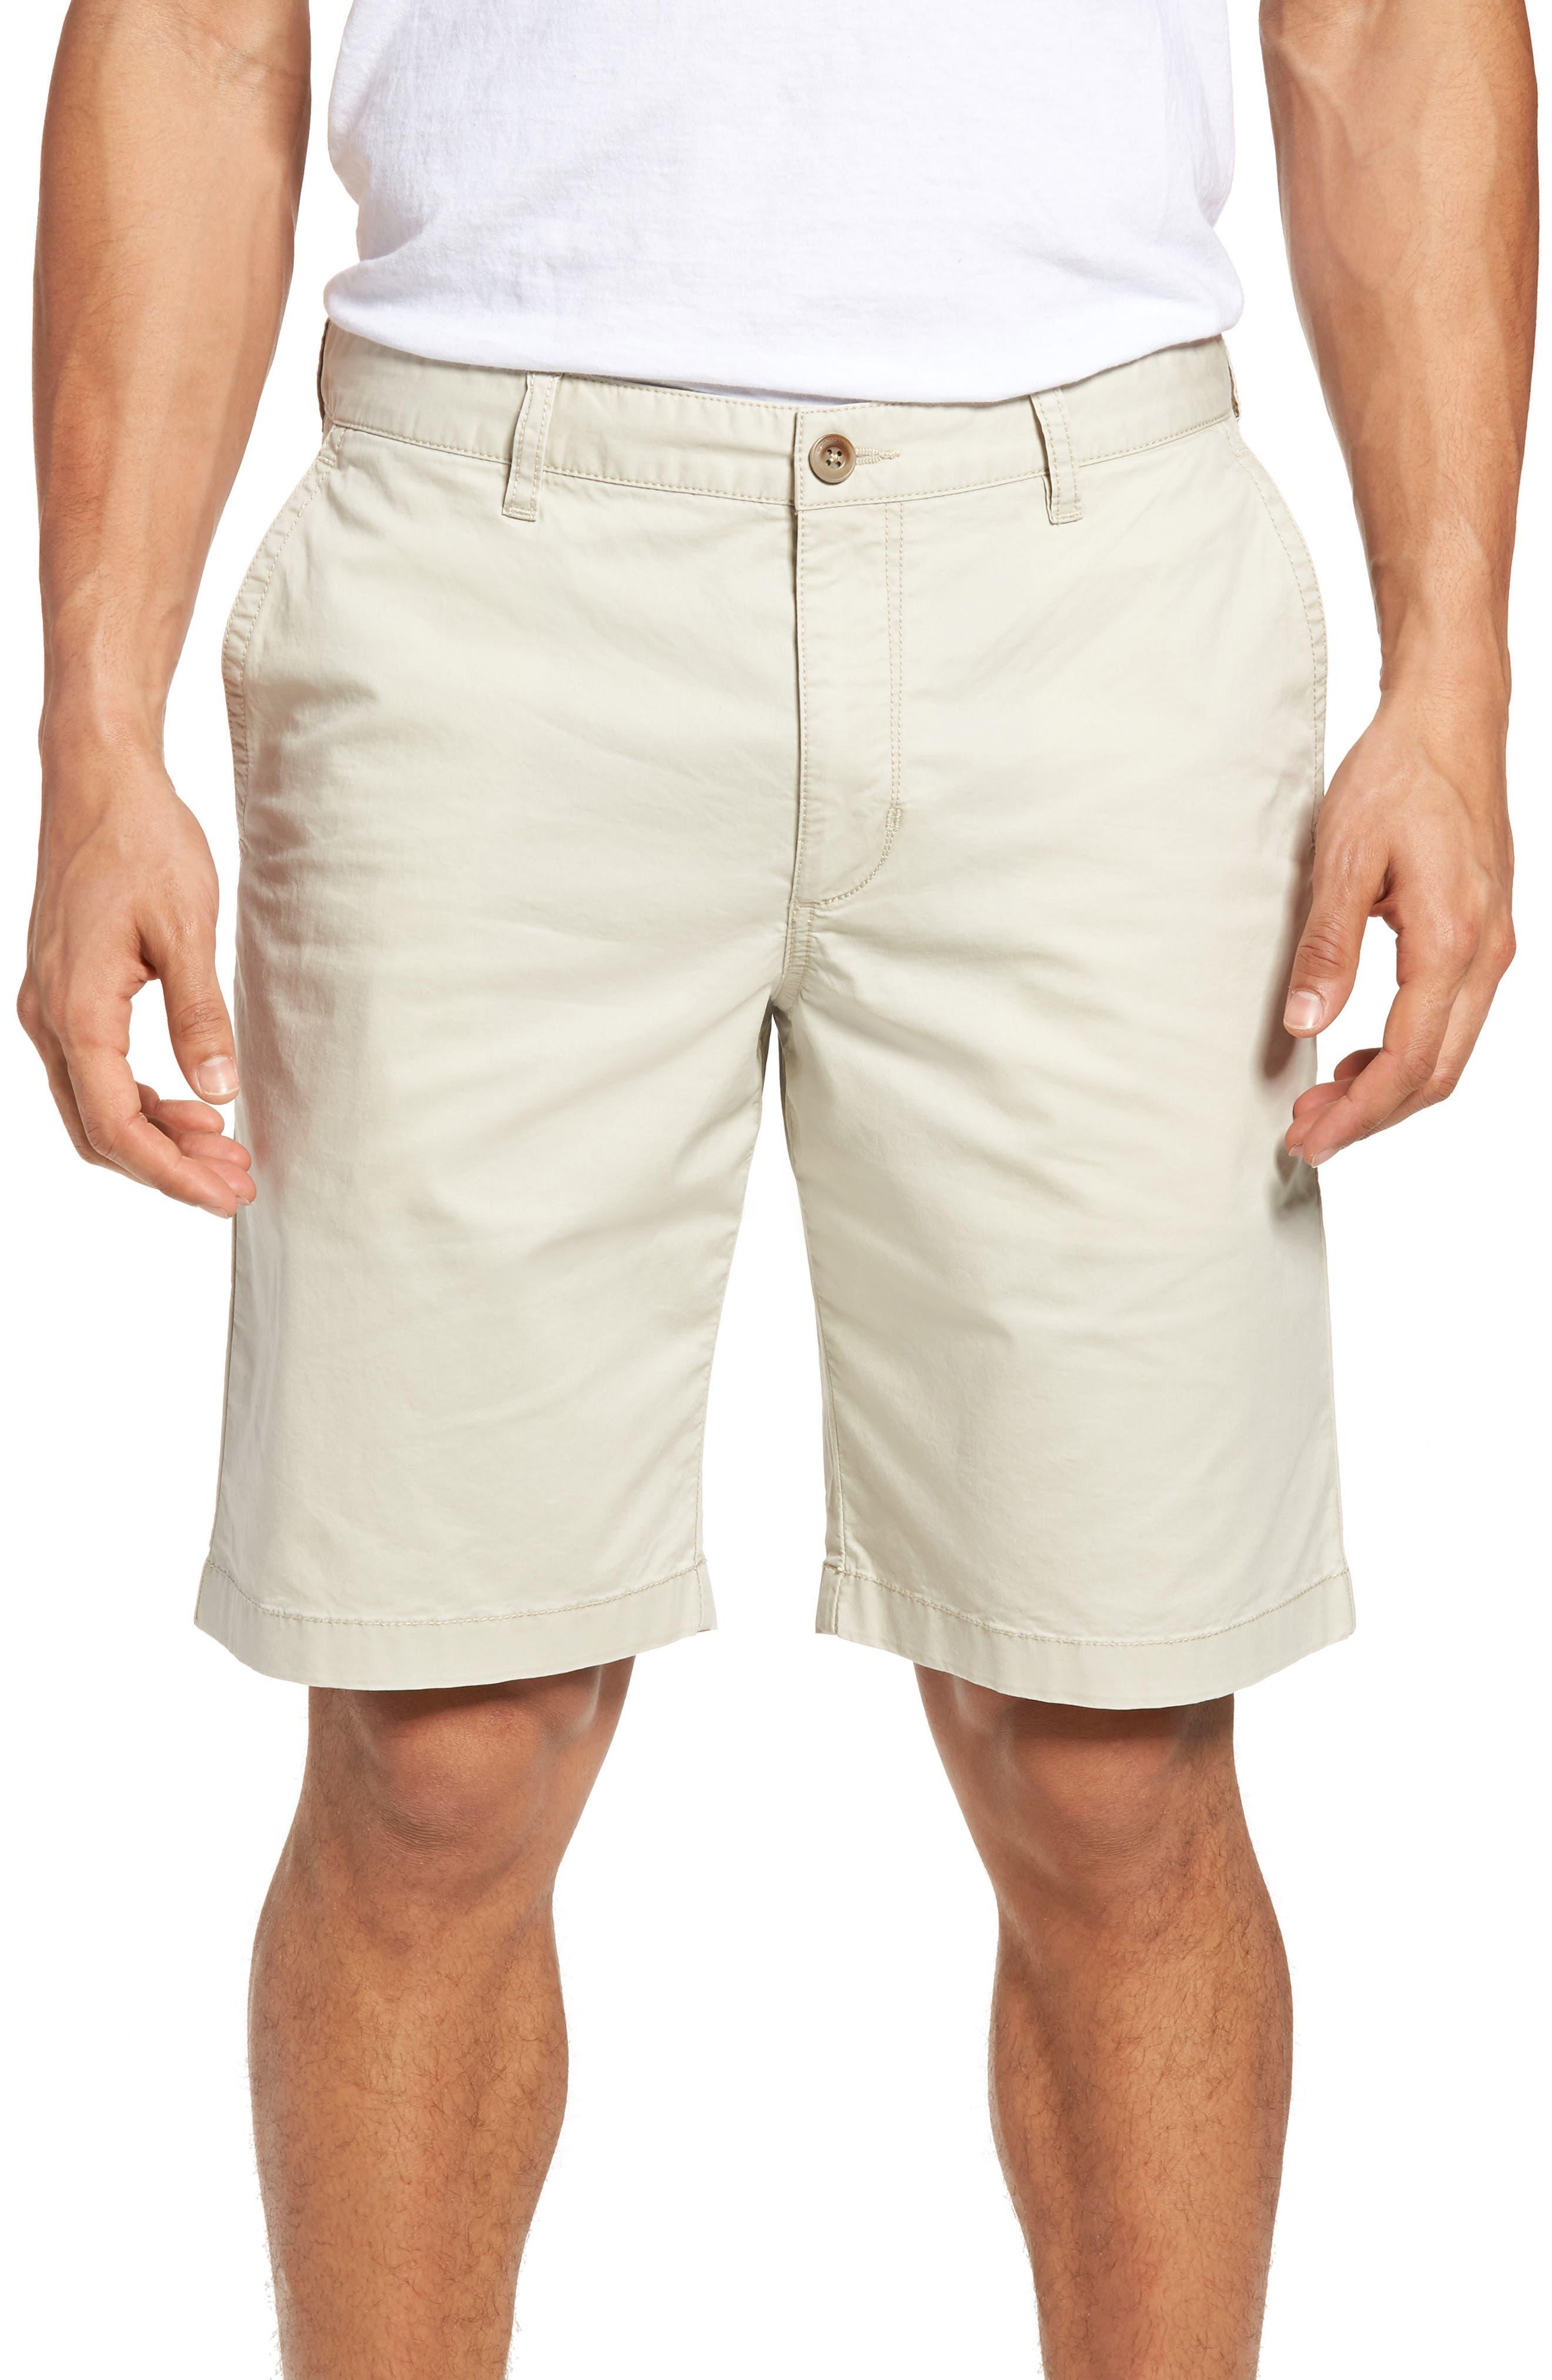 Sail Away Shorts,                             Main thumbnail 1, color,                             200